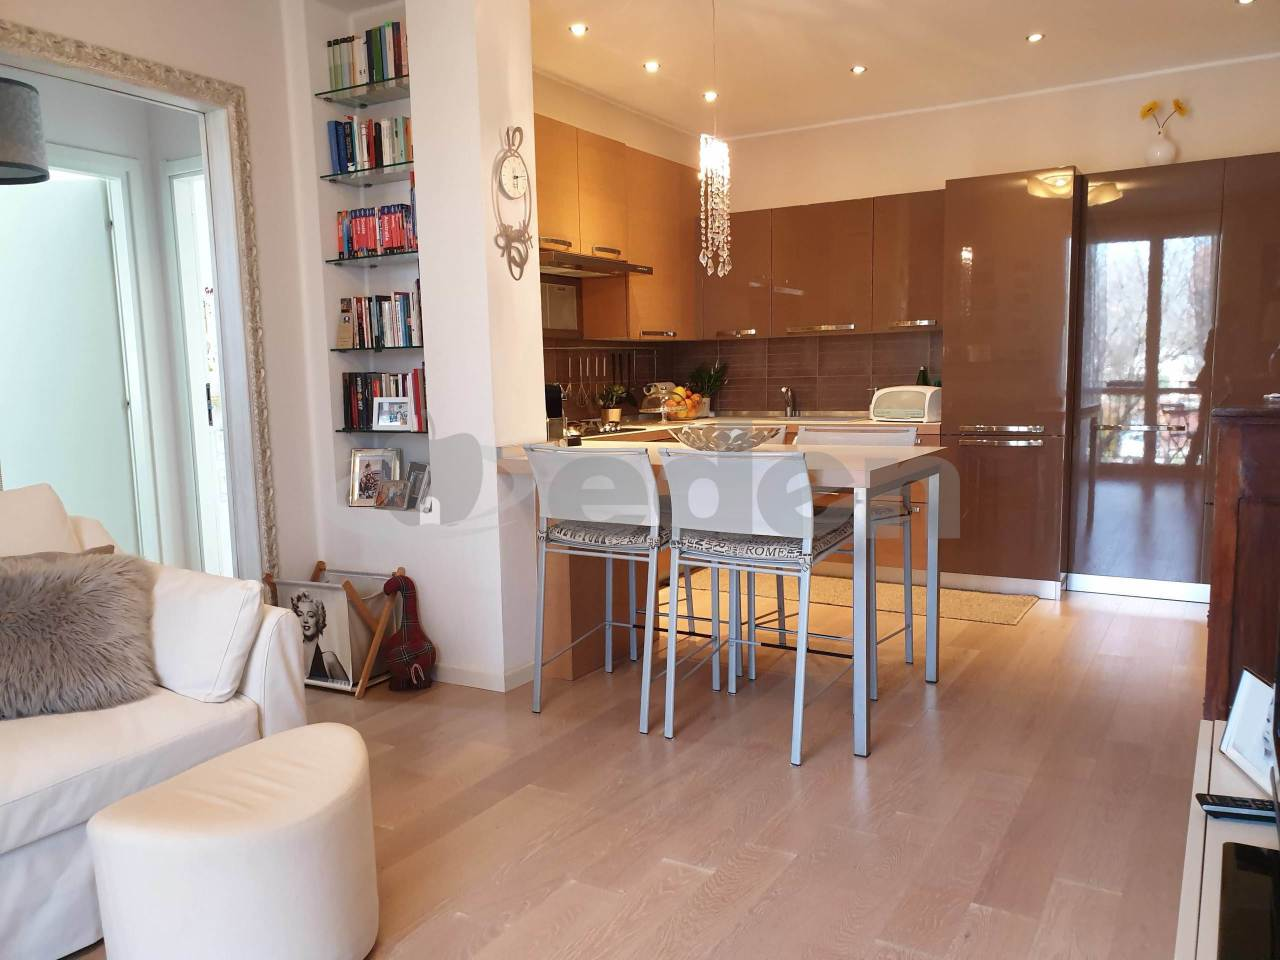 Foto 1 di Appartamento Via falcone e borsellino 30, Soliera